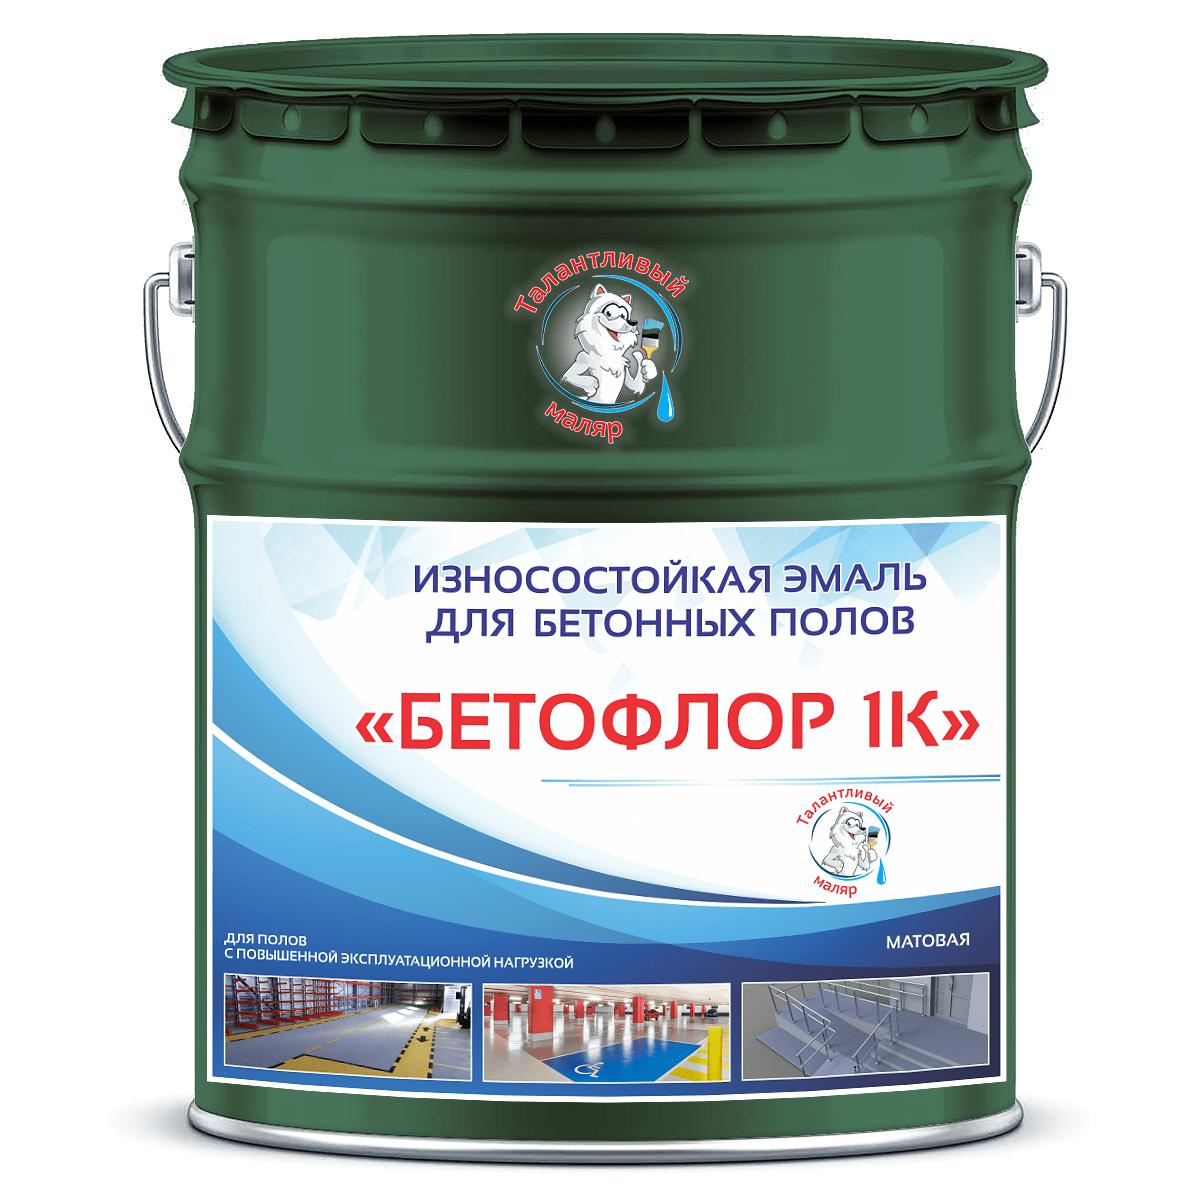 """Фото 6 - BF6005 Эмаль для бетонных полов """"Бетофлор"""" 1К цвет RAL 6005 Зеленый мох, матовая износостойкая, 25 кг """"Талантливый Маляр""""."""